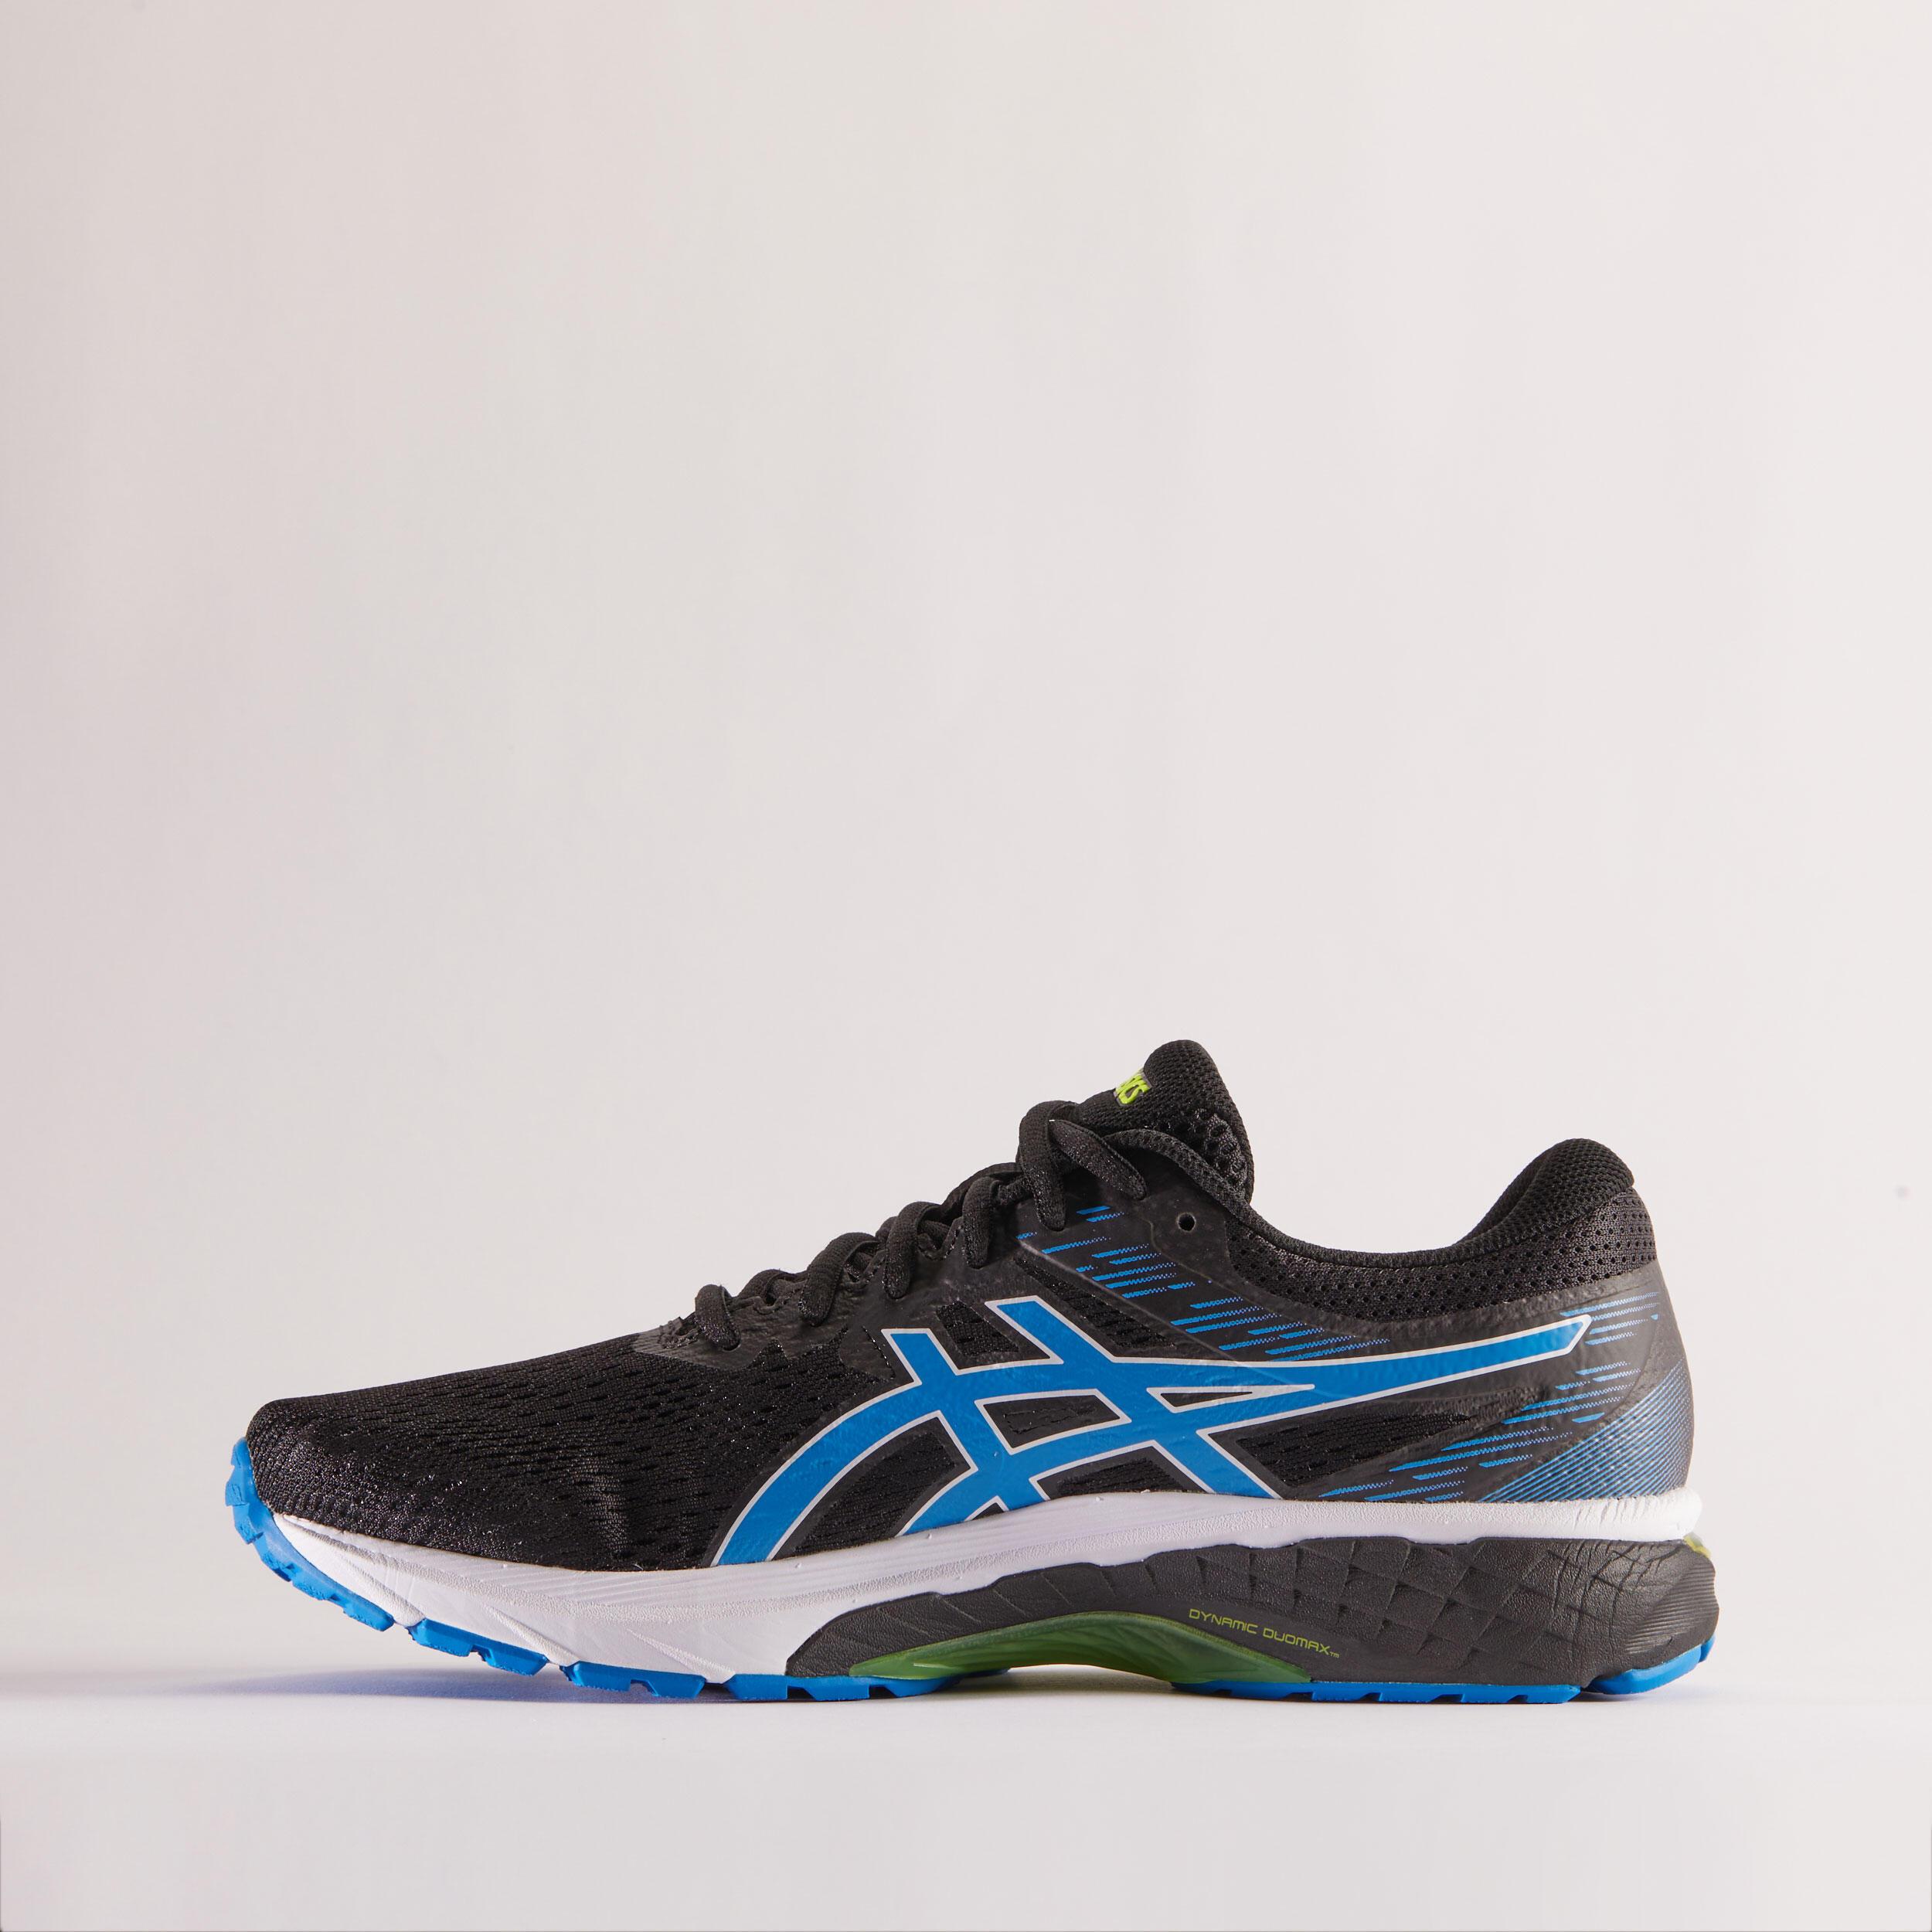 ASICS GEL GLYDE 3 MEN'S RUNNING SHOES - BLACK BLUE - Decathlon